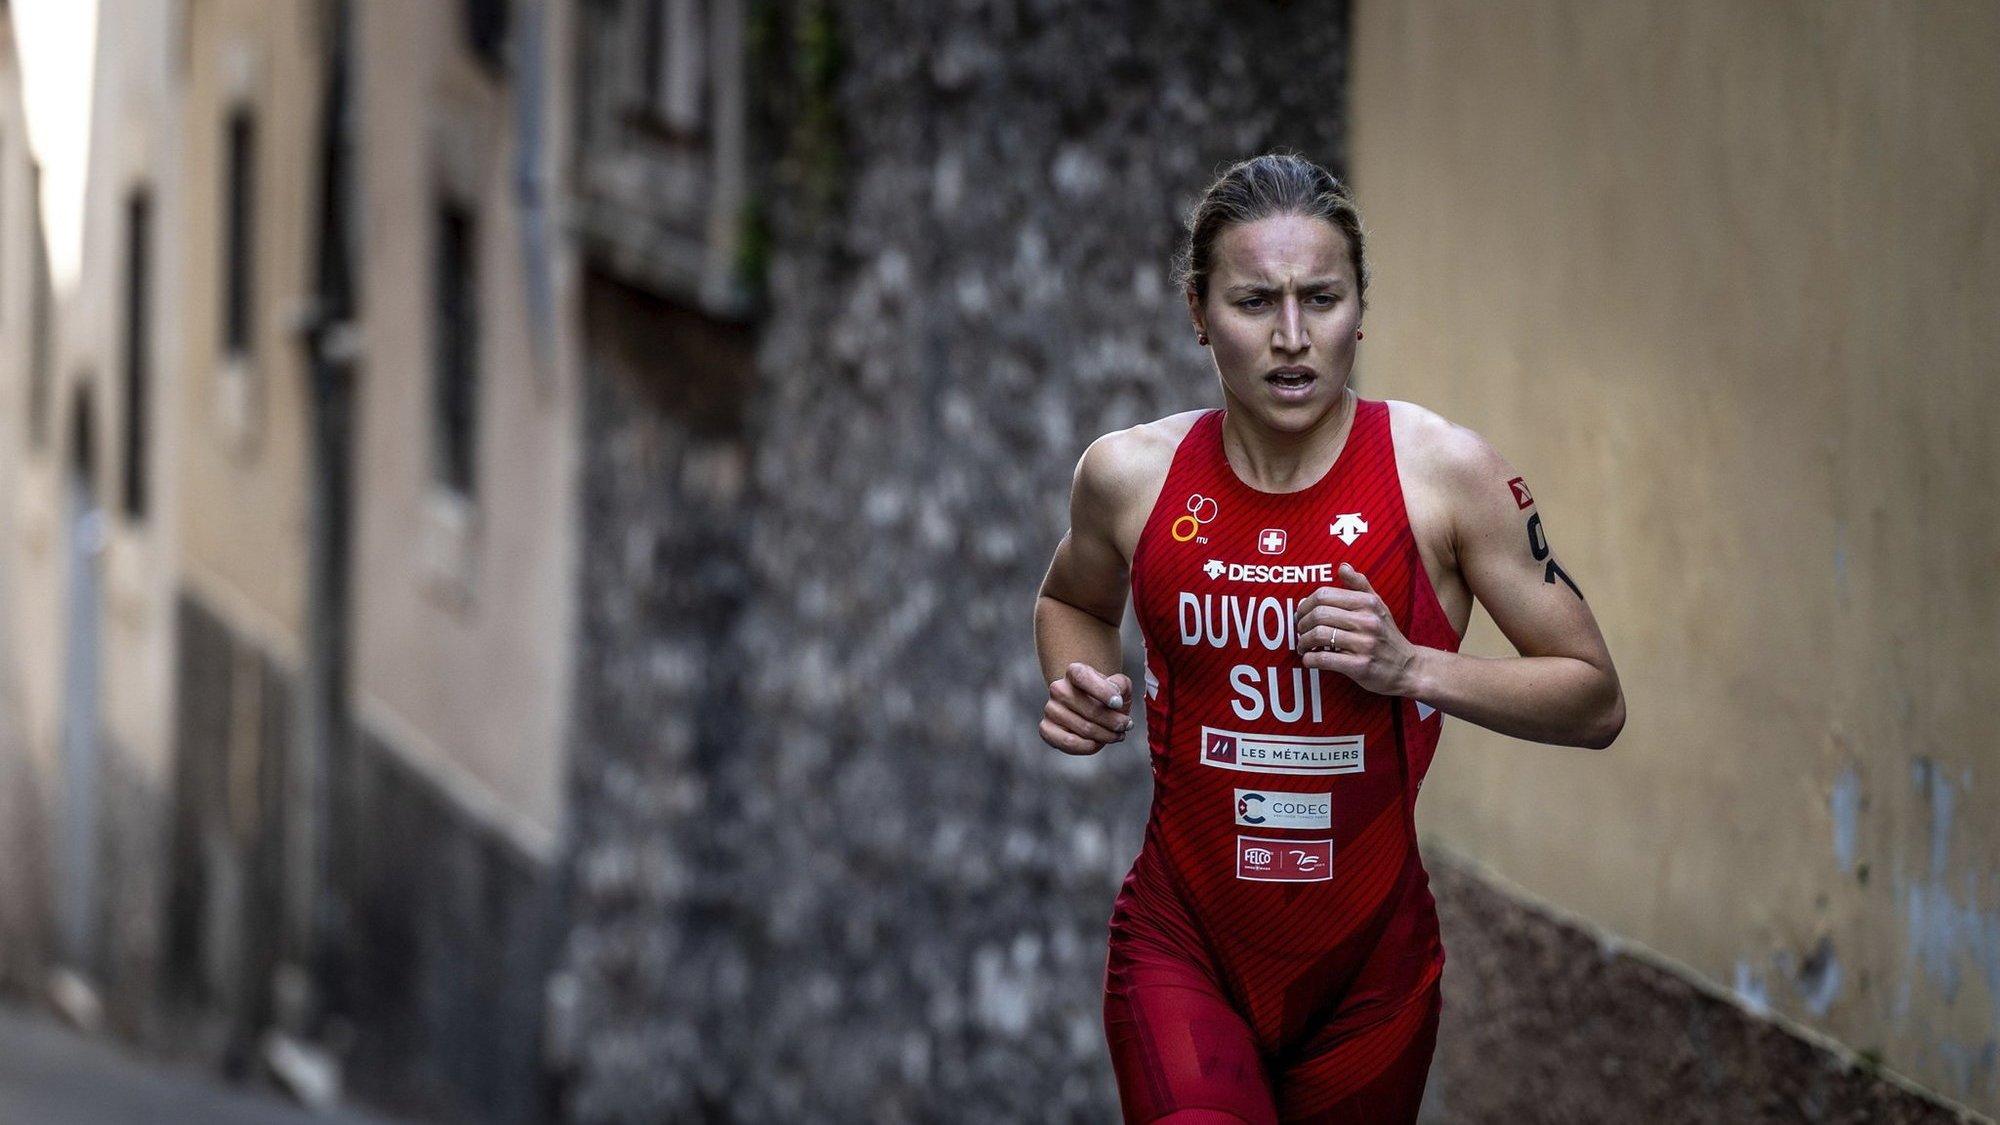 Après le titre mondial, Loanne Duvoisin a décroché la première place aux championnats d'Europe M23.